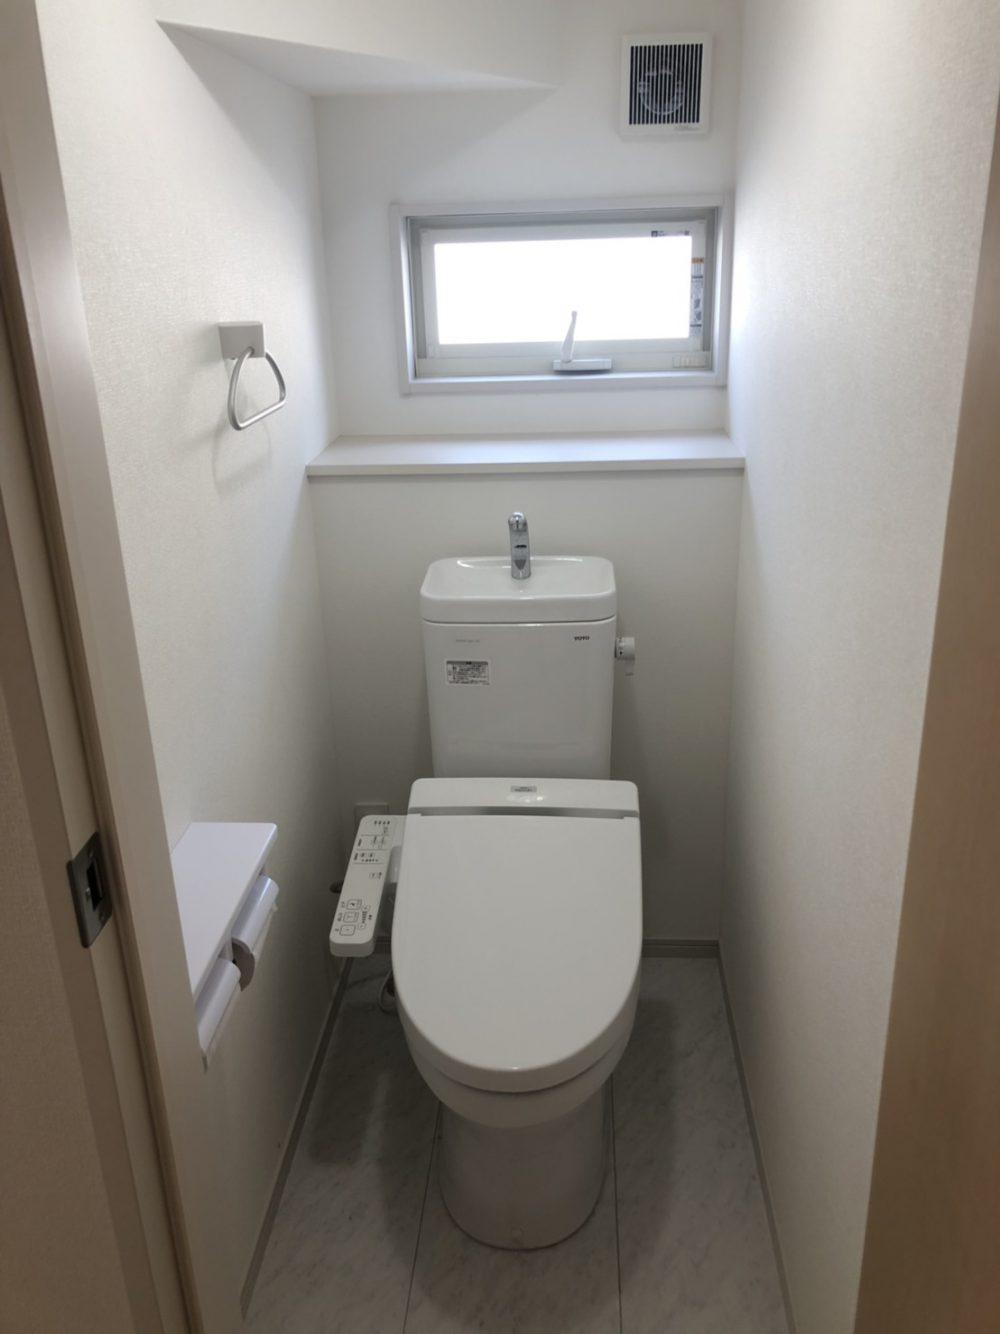 トイレ写真(2020年4月撮影)